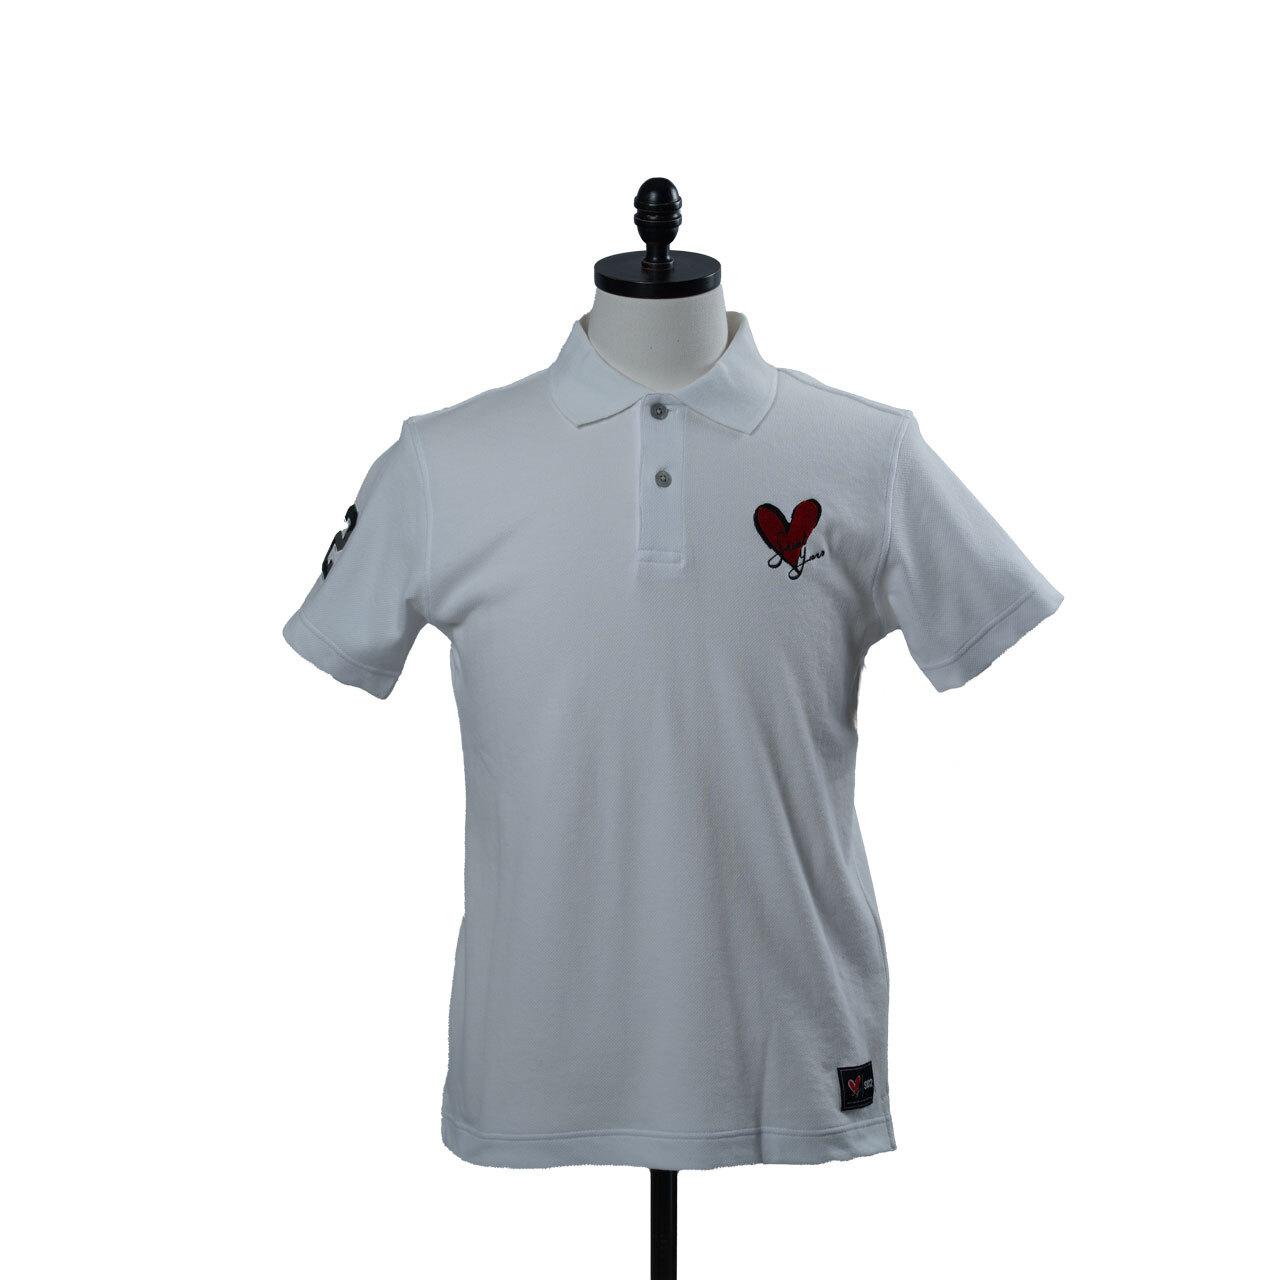 SY32 HEART LOGO POLO(8064SY)